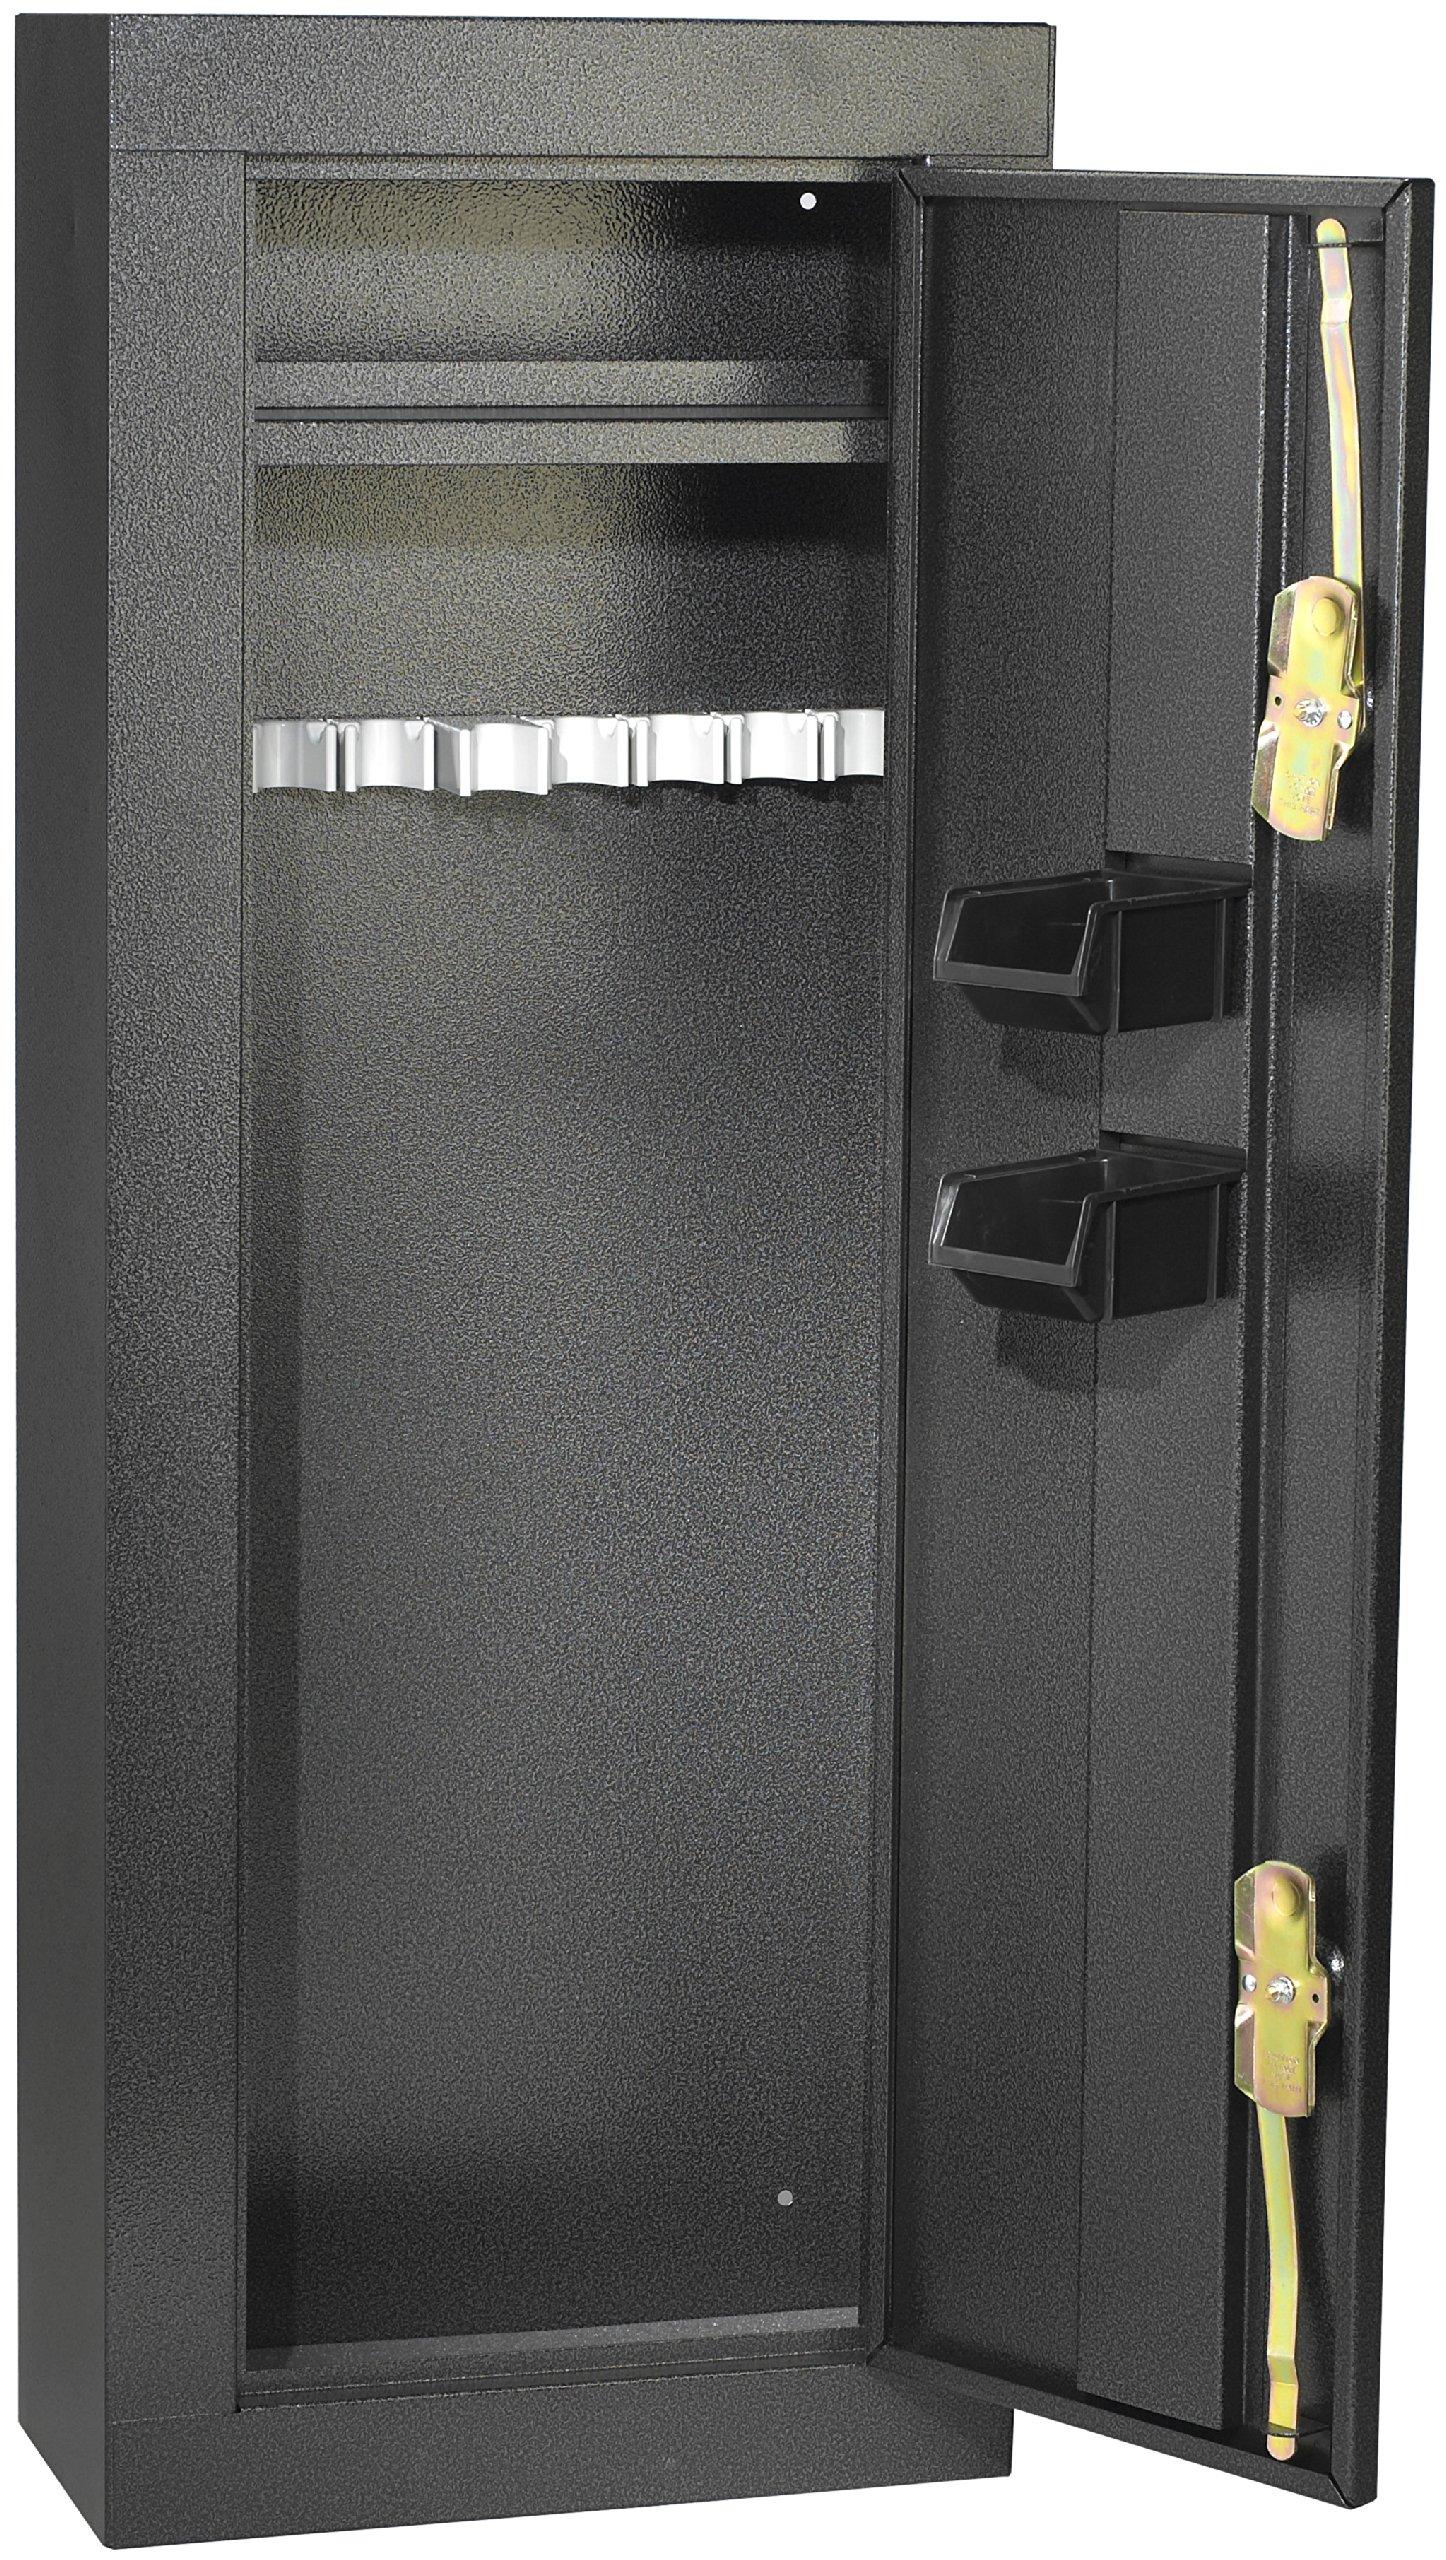 First Watch / Homak 8-Gun Security Cabinet, Gloss Black, HS30103660